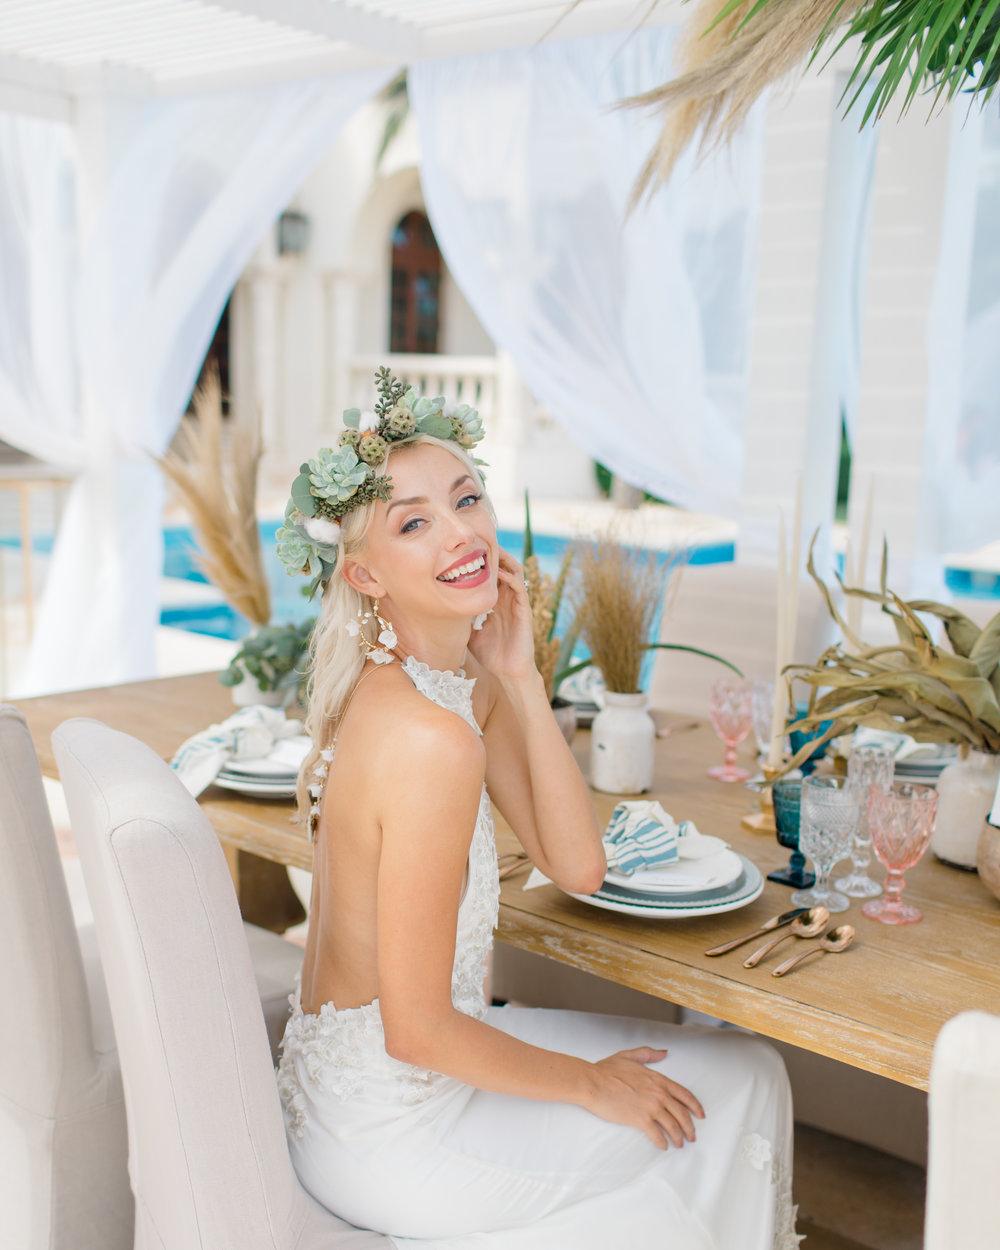 mexico-destination-wedding-venue-11.jpg